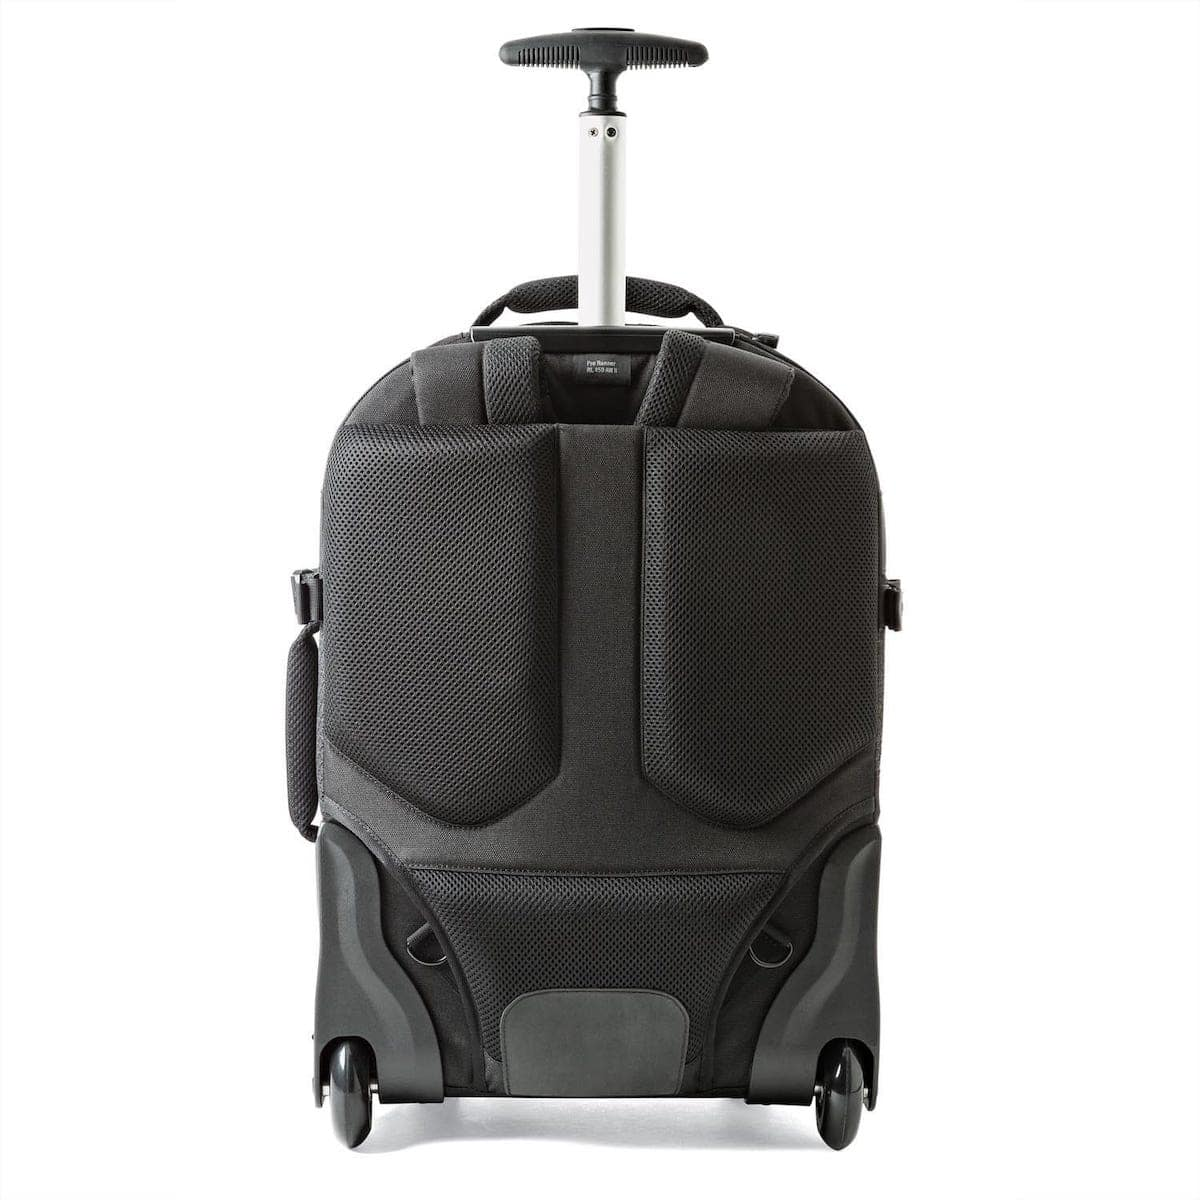 для школы фоторюкзак с колесиками планетной